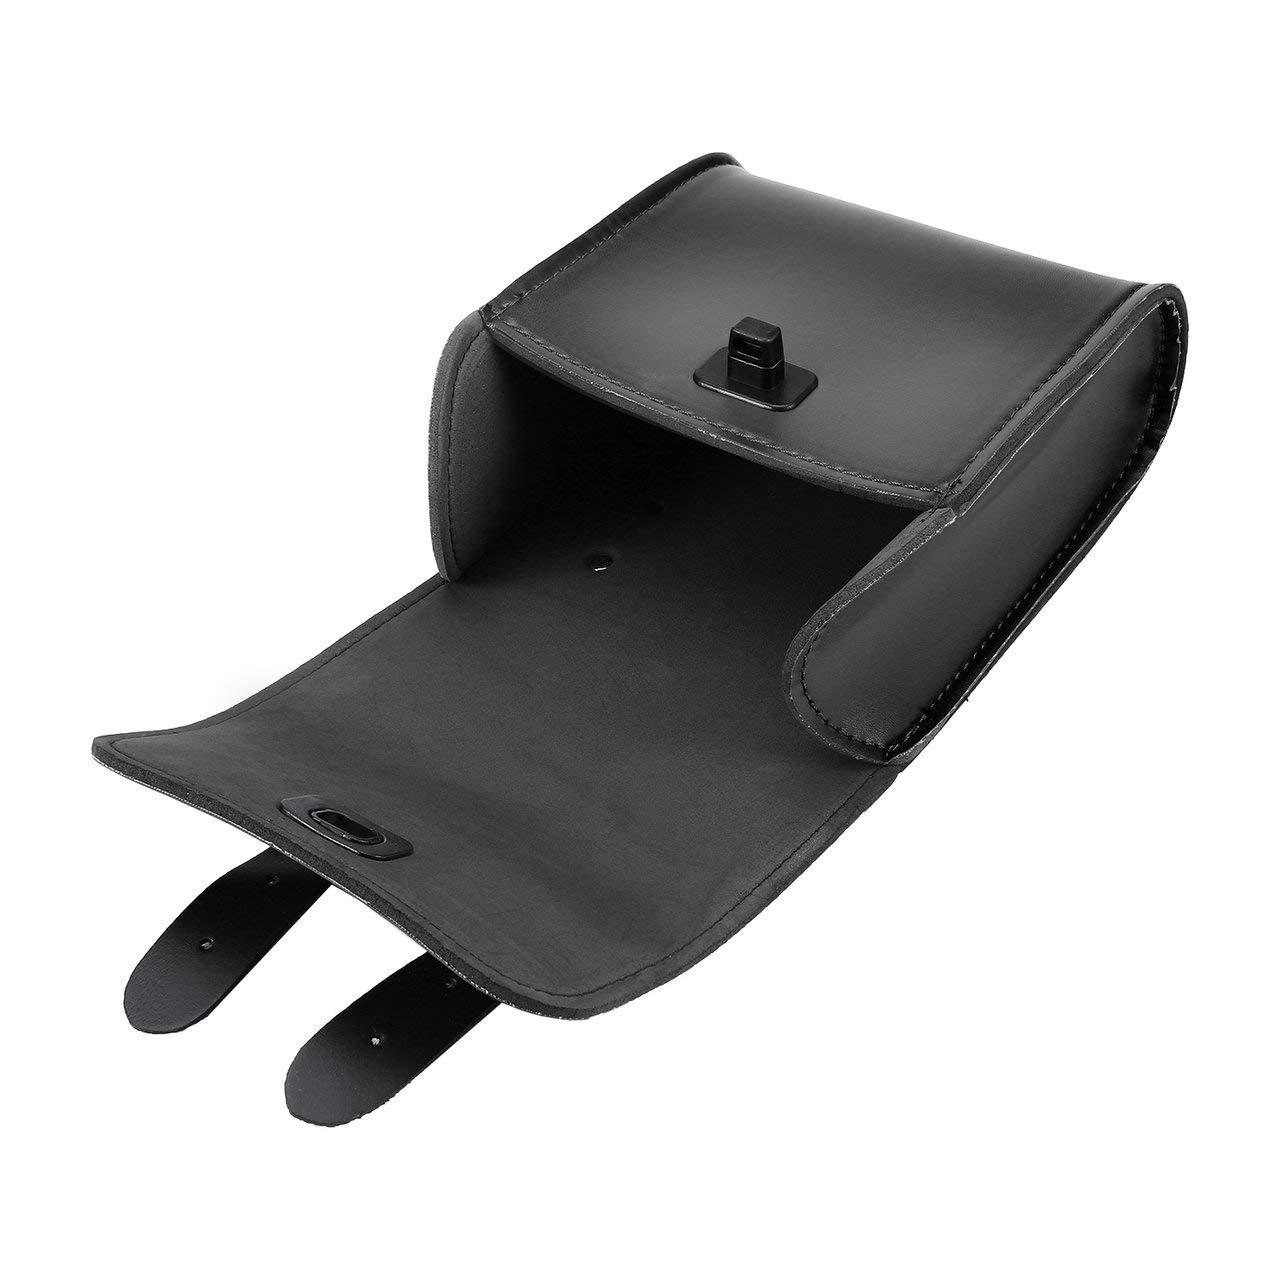 sacoche avant pour guidon FRjasnyfall Sac /à outils universel pour moto moto ou v/élo universel sac de selle en cuir synth/étique bagage noir